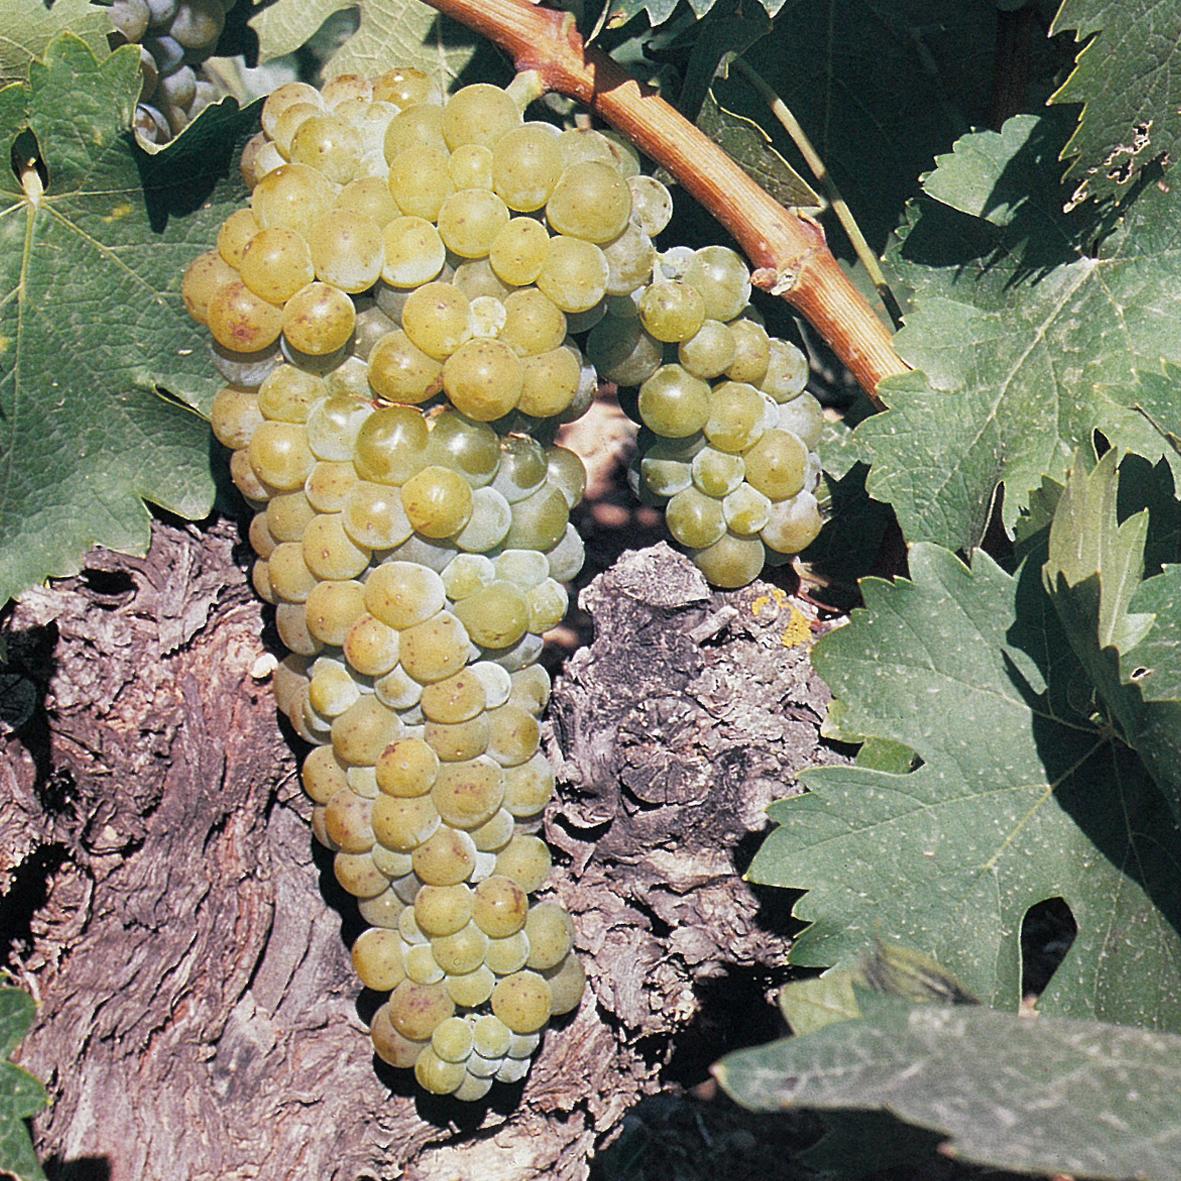 uva vino moscatel grano menudo provedo